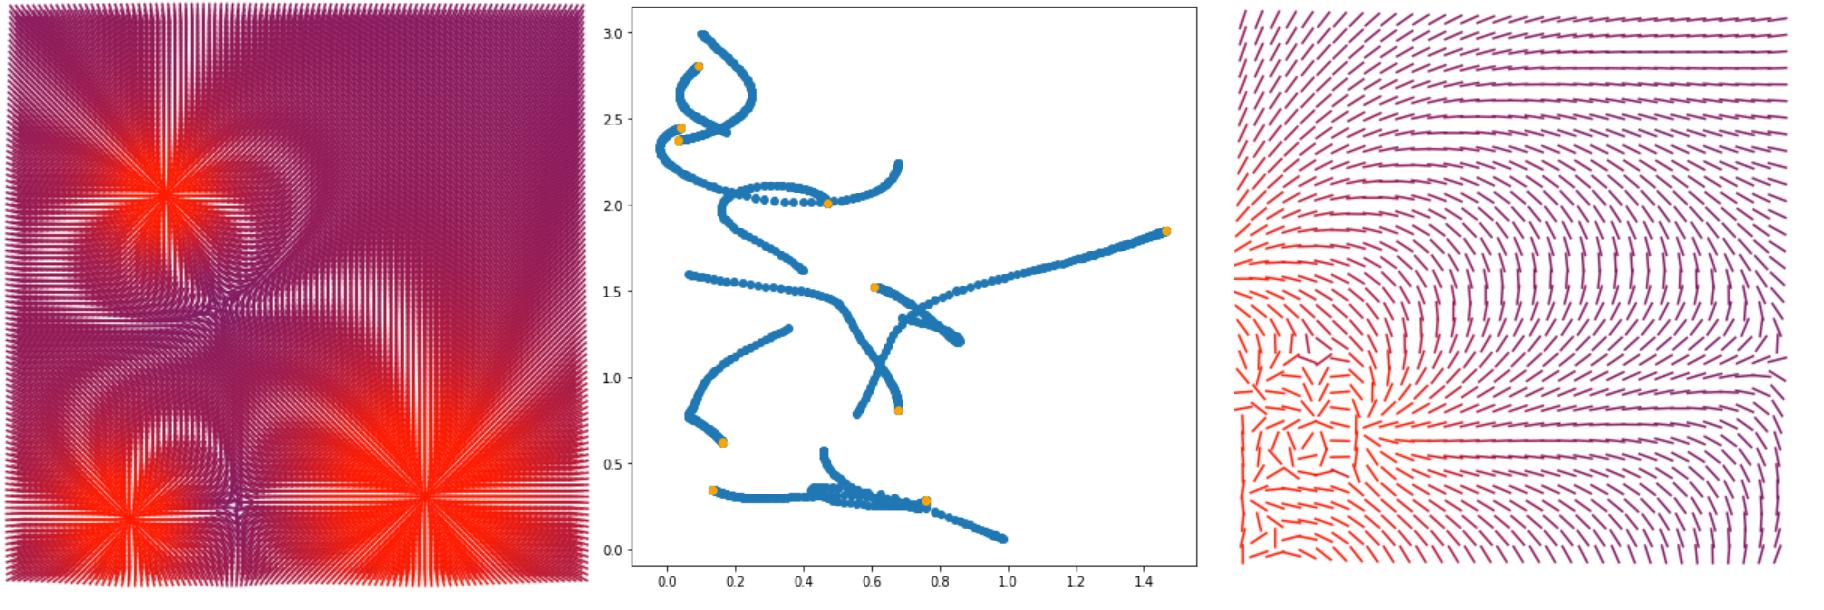 Элементарная симуляция кастомного физического взаимодействия на python + matplotlib - 1